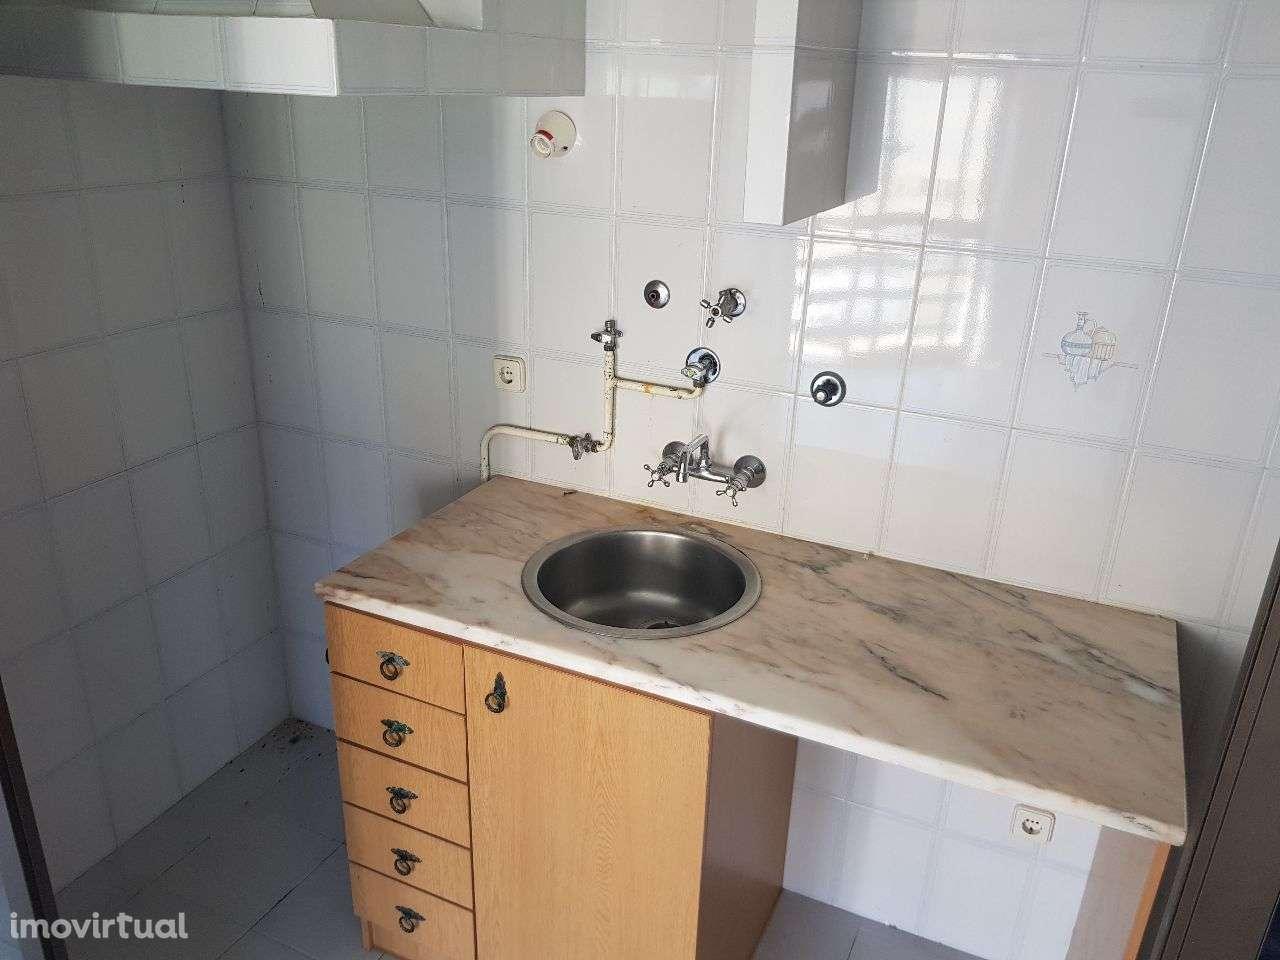 Apartamento para arrendar, Santarém (Marvila), Santa Iria da Ribeira de Santarém, Santarém (São Salvador) e Santarém (São Nicolau), Santarém - Foto 5